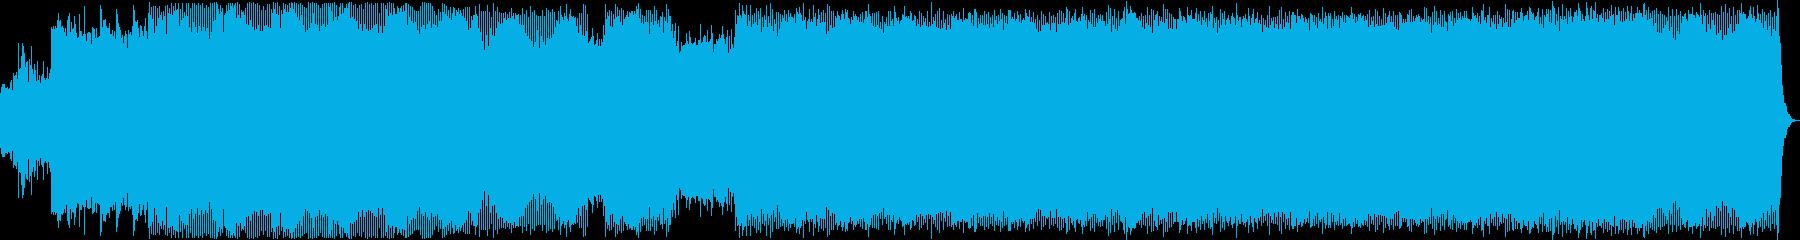 ゲームBGM用ダークなミニマルテクノの再生済みの波形